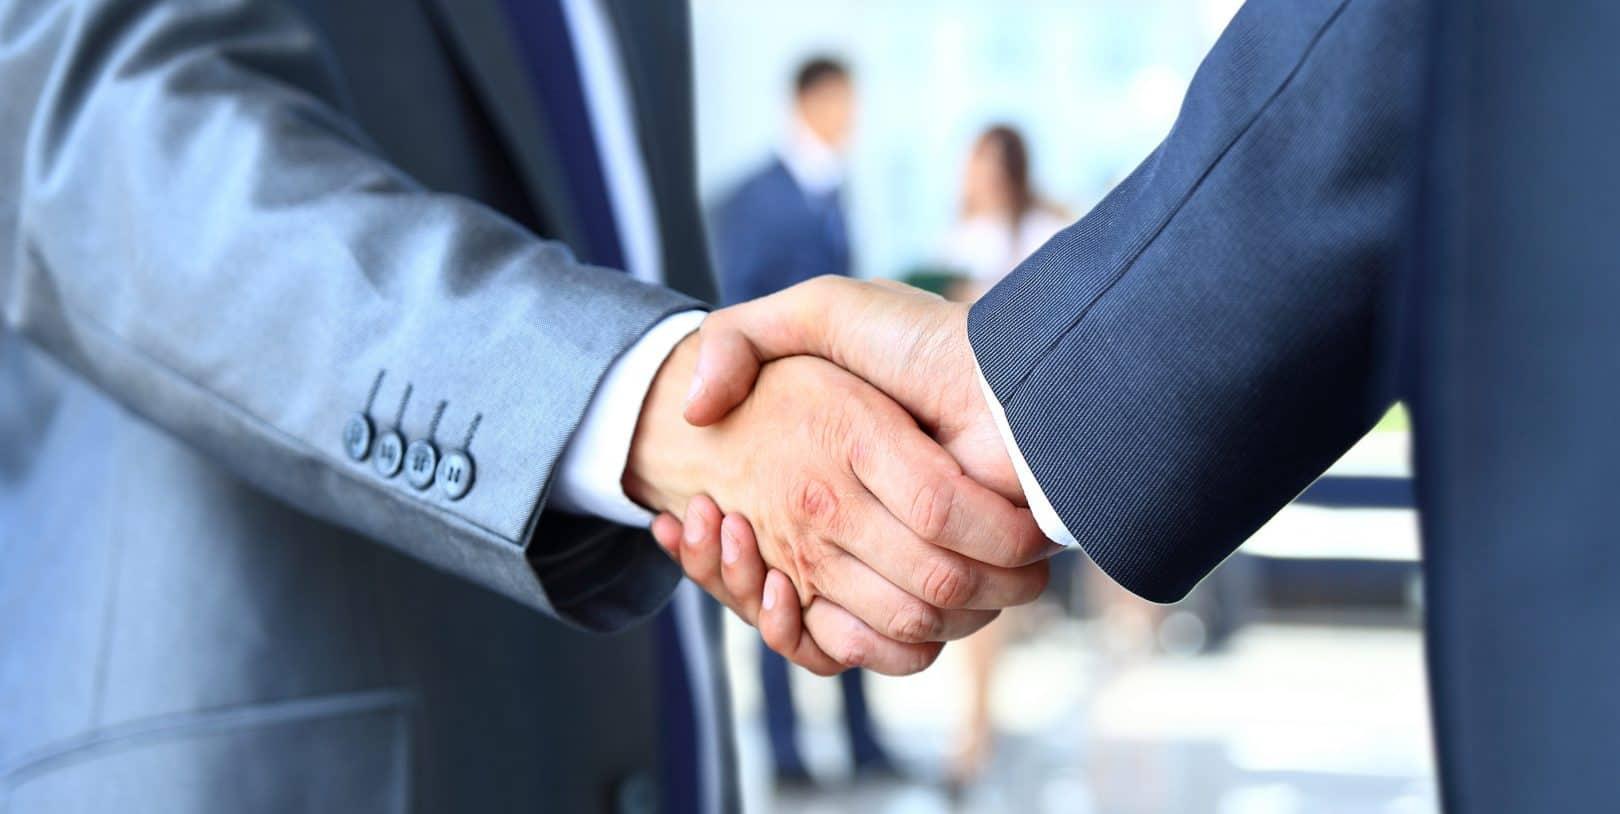 Banco Original e Metlife passam a oferecer seguro de vida; veja como contratar o serviço